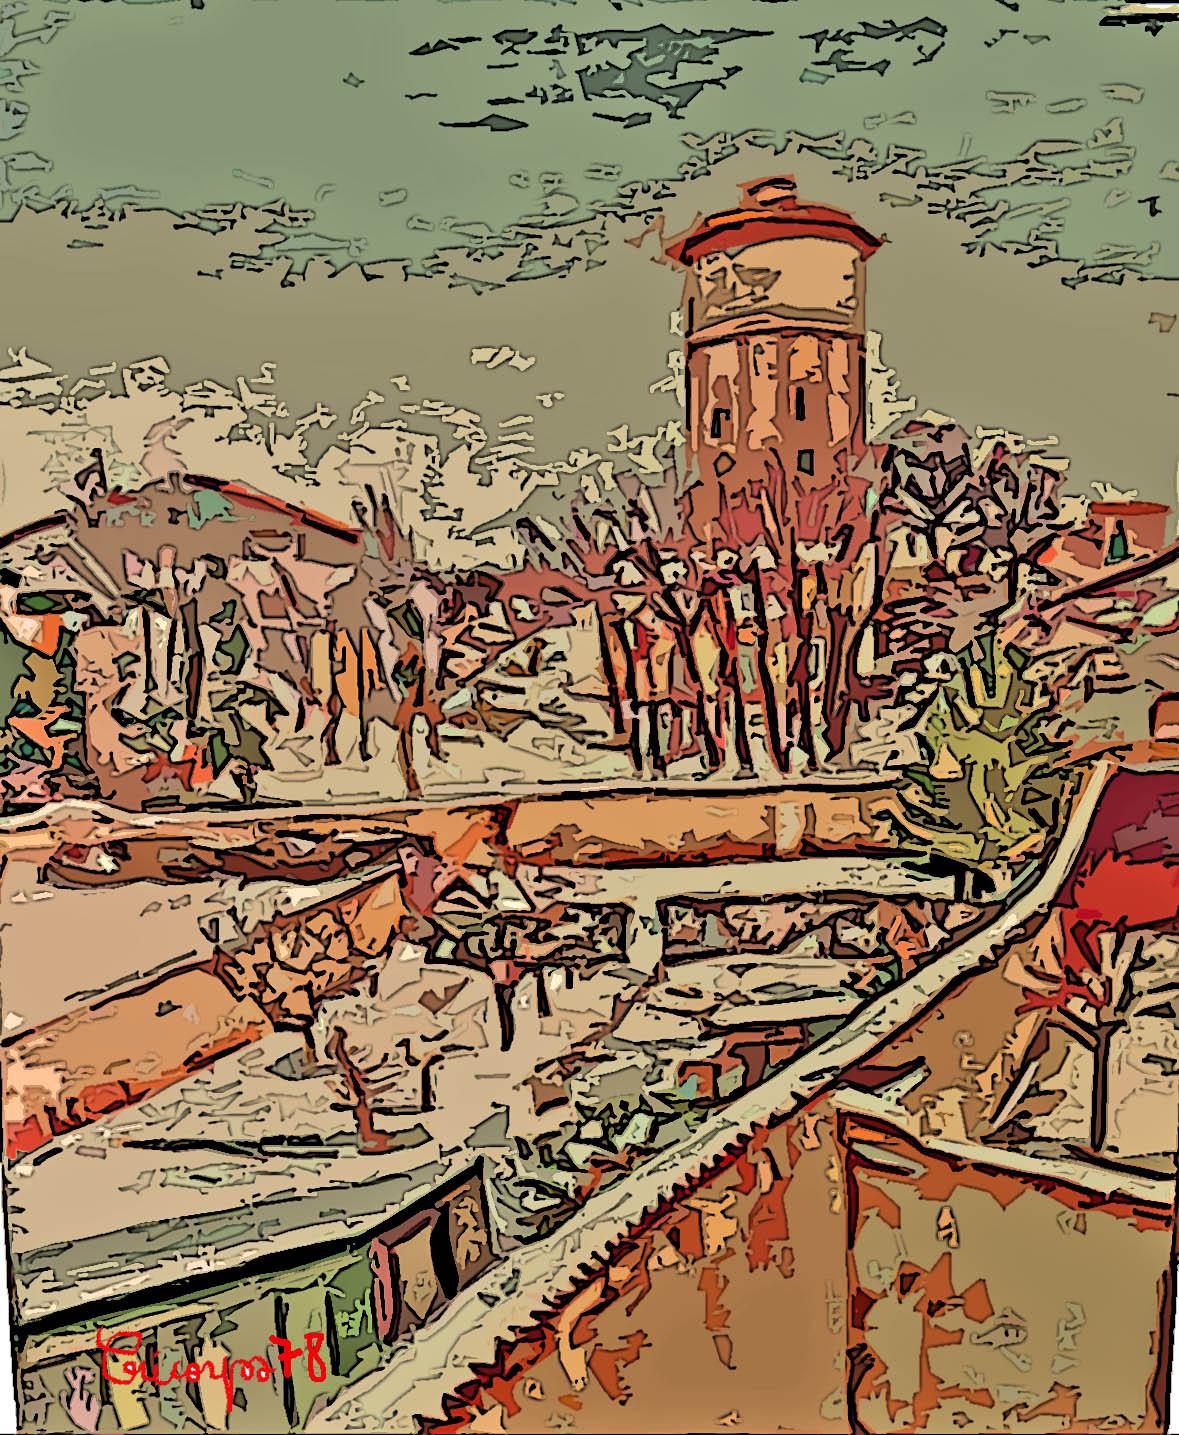 Peinture d cines charpieu sous la neige vu de ma fen tre 1978 for Vu de ma fenetre